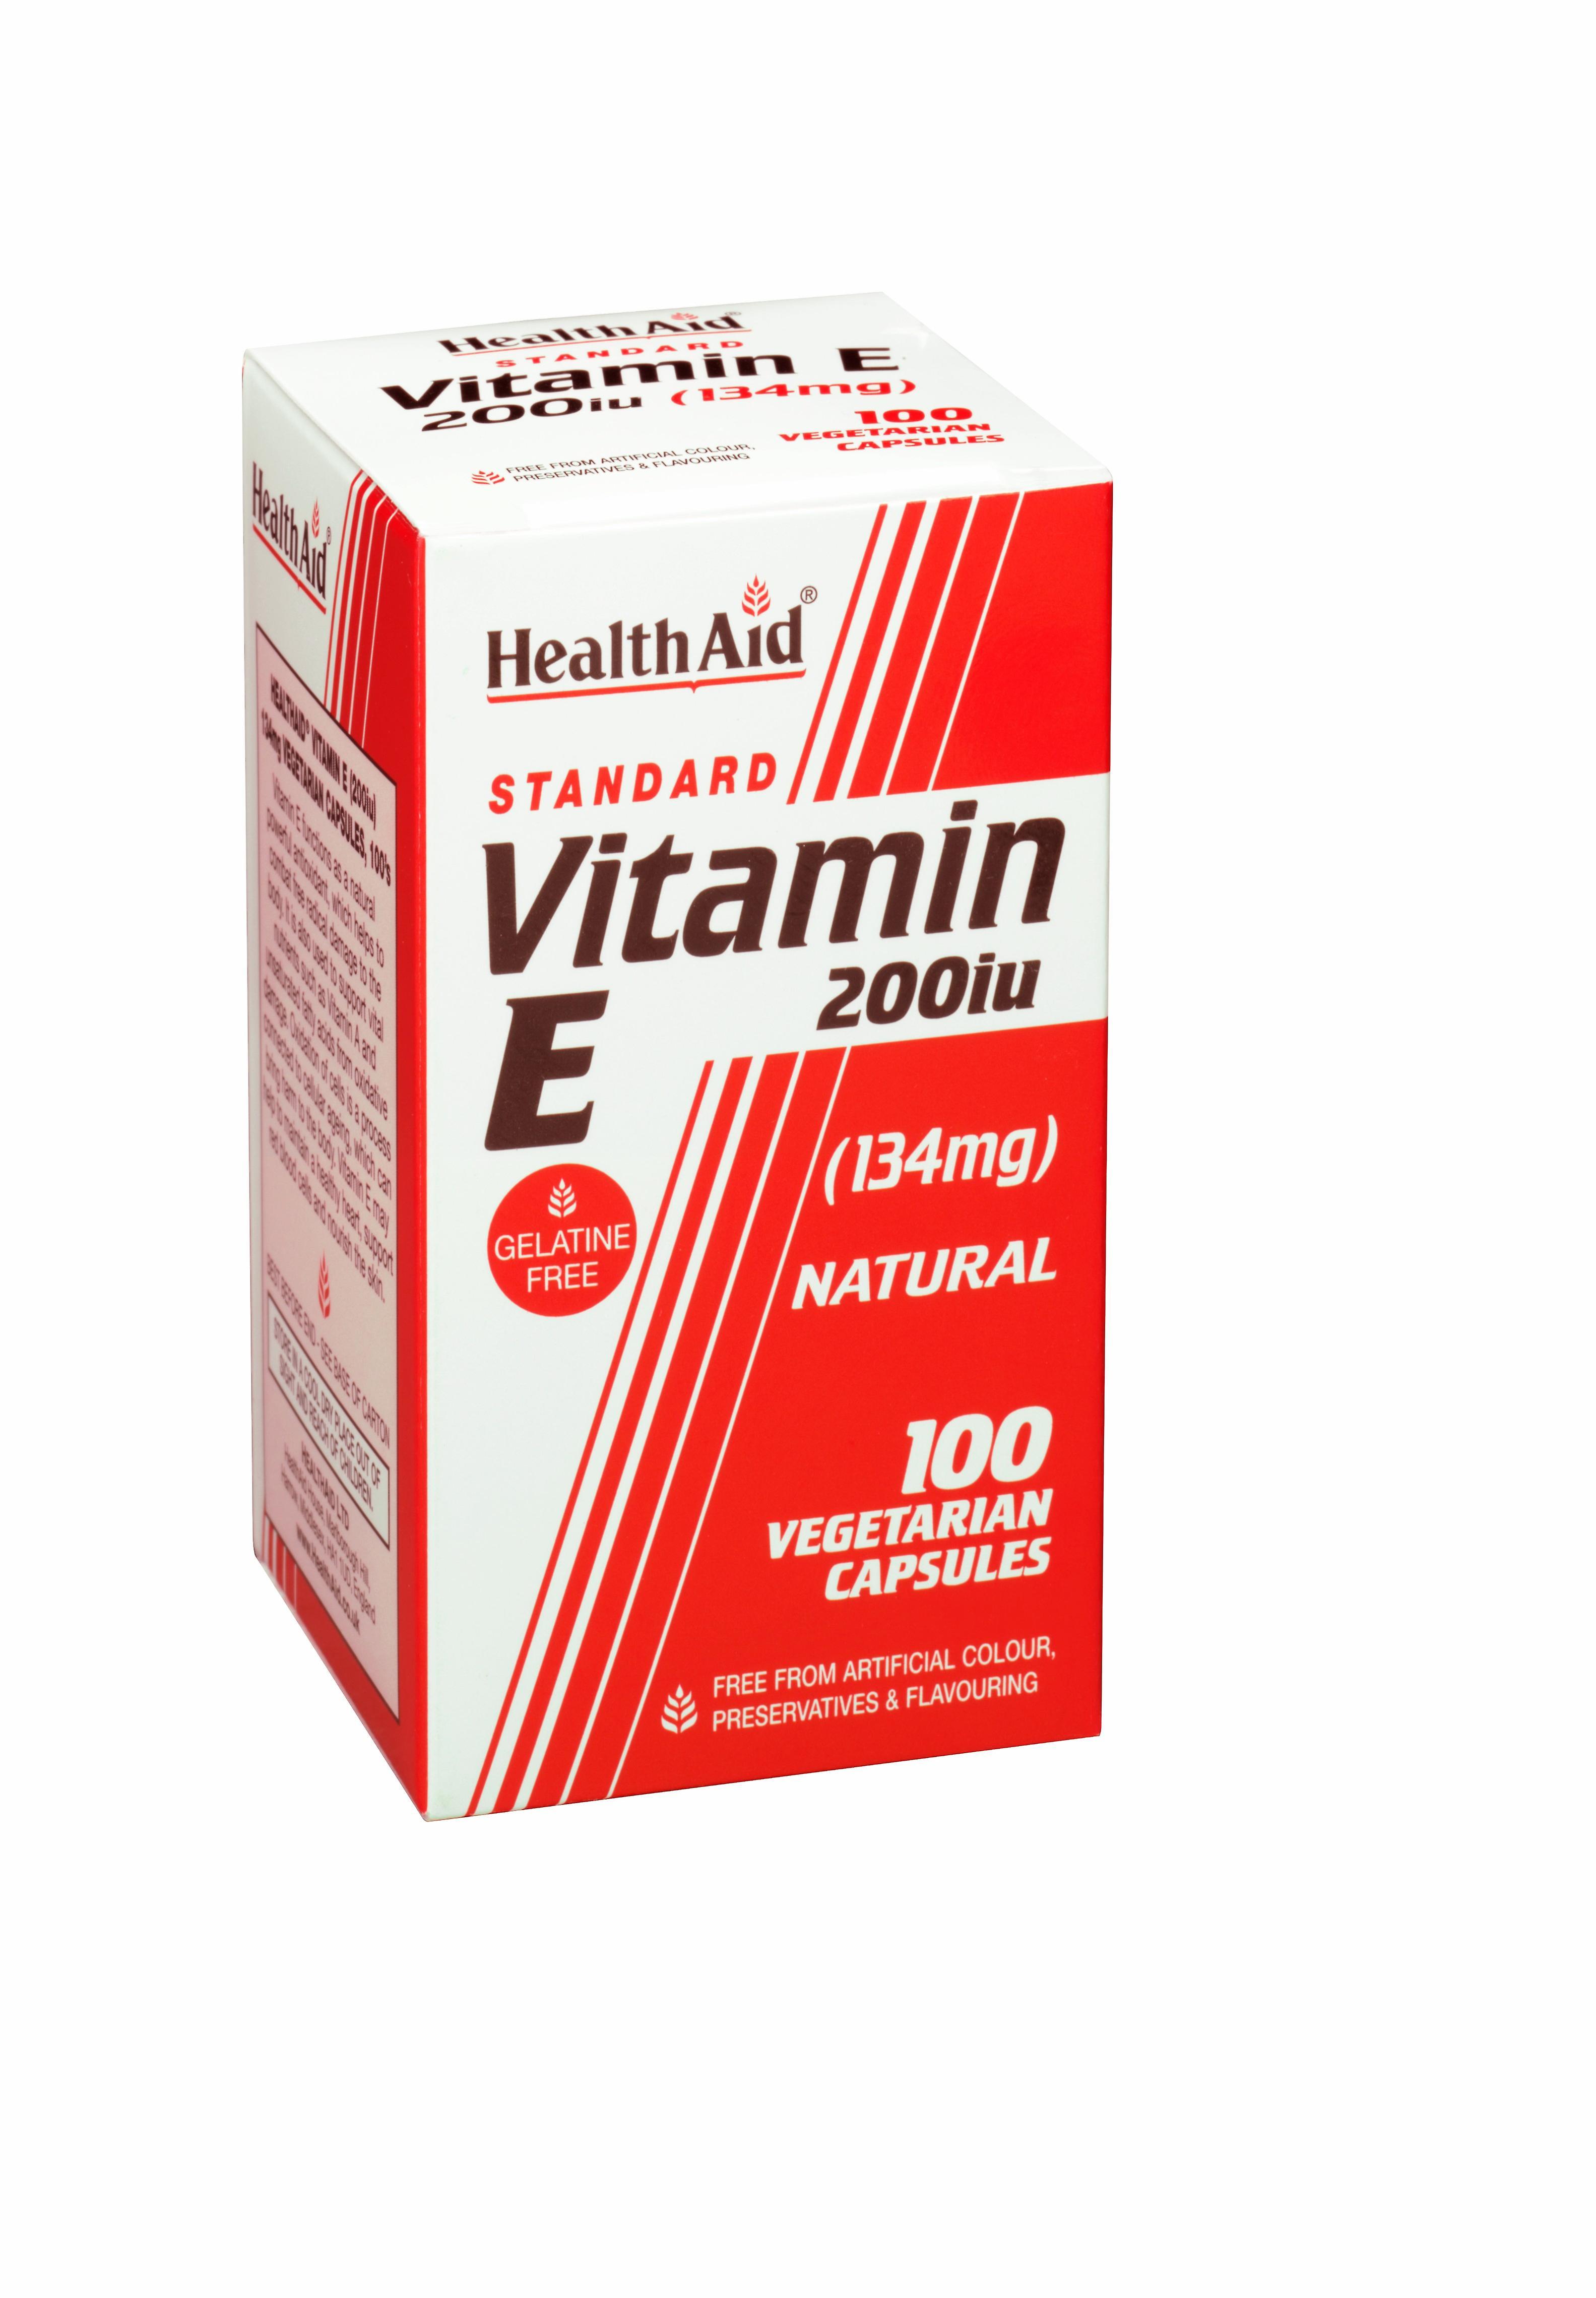 HealthAid Vitamin E 200iu Natural  100 veg. Kapseln